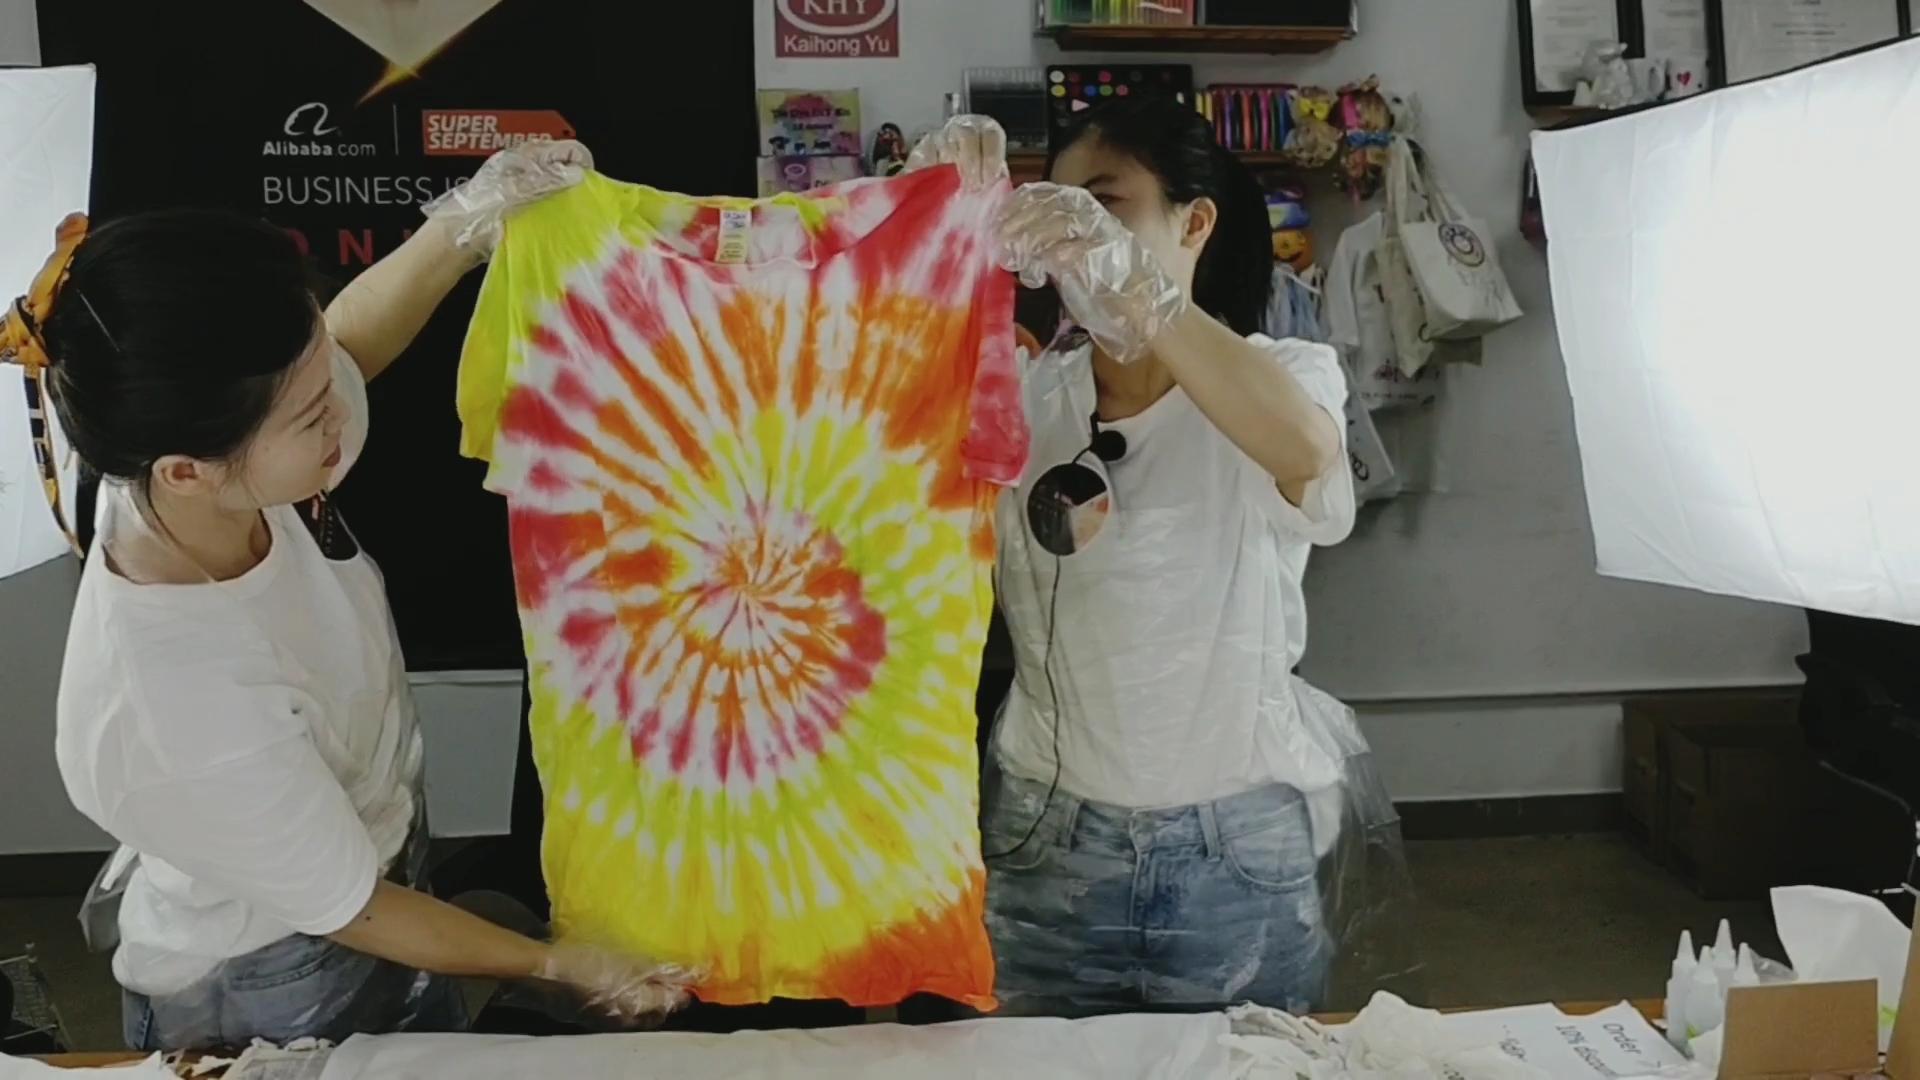 Hot Bán 12 Màu Sắc Mực Vải Tự Làm Tie Dye Kit Cho Nhuộm Áo Len, Áo, Áo Khoác, Áo Khoác